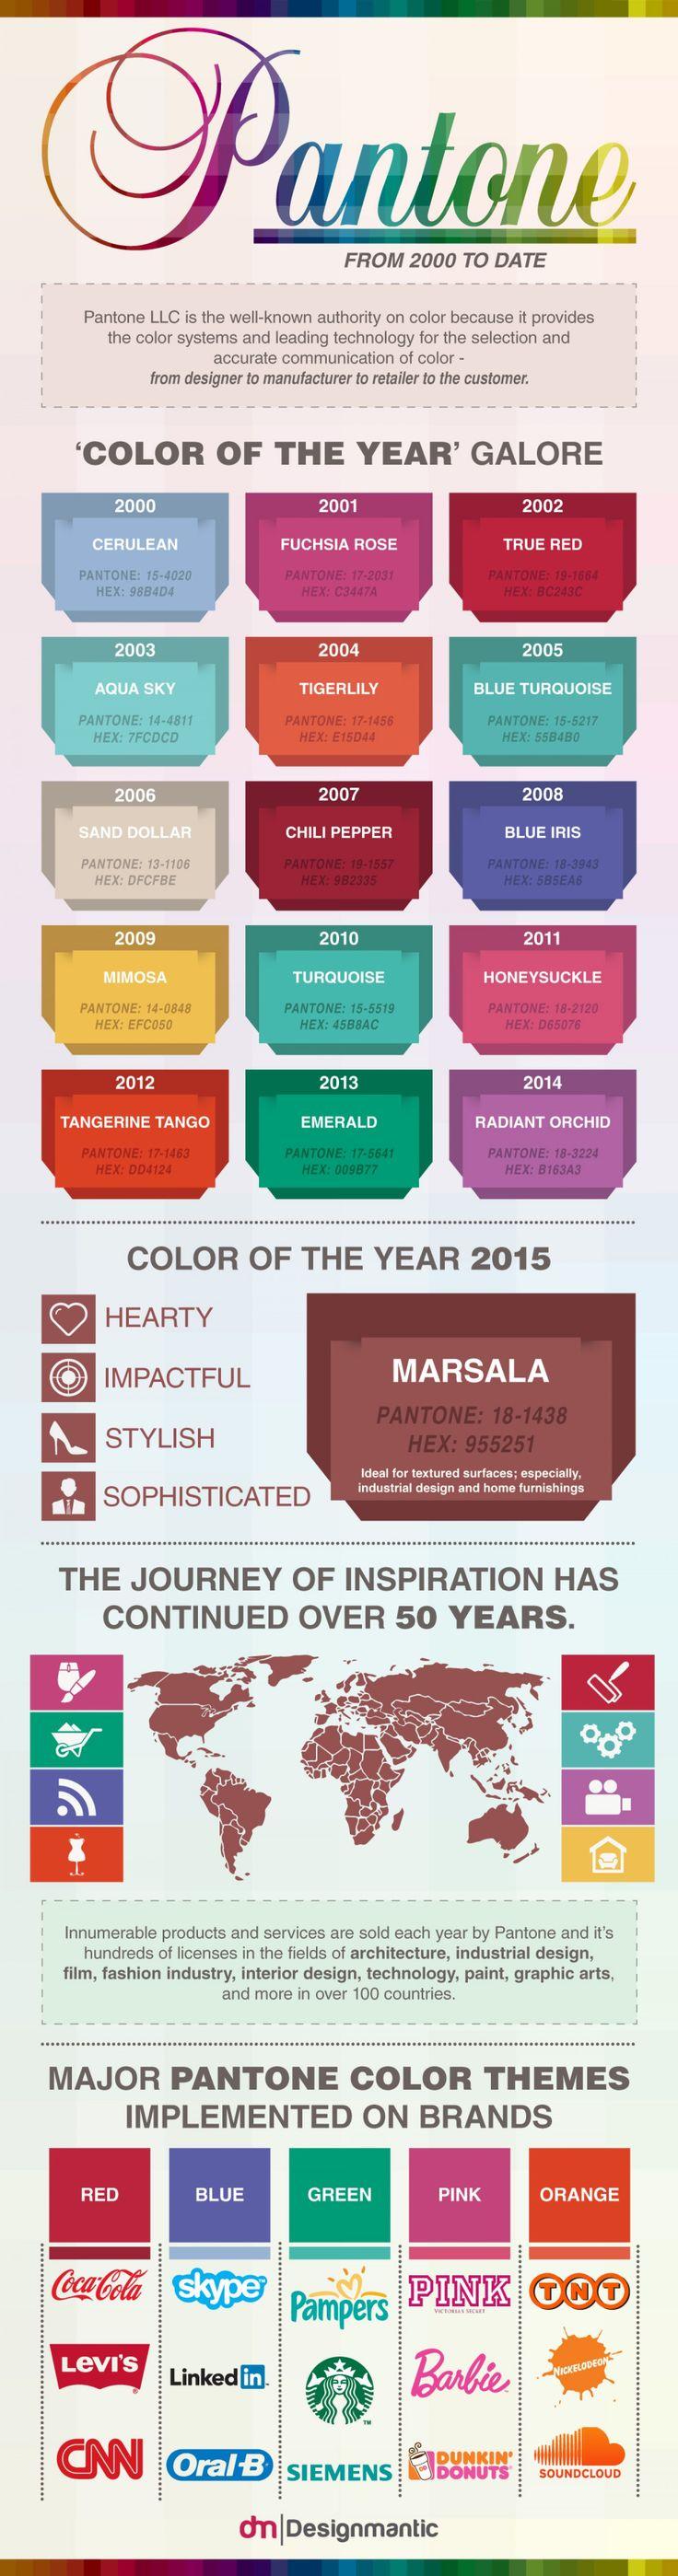 dc5d31269e7ab270e09347357034efca--pantone-color-infographic Fabelhafte Psychologische Wirkung Von Farben Dekorationen